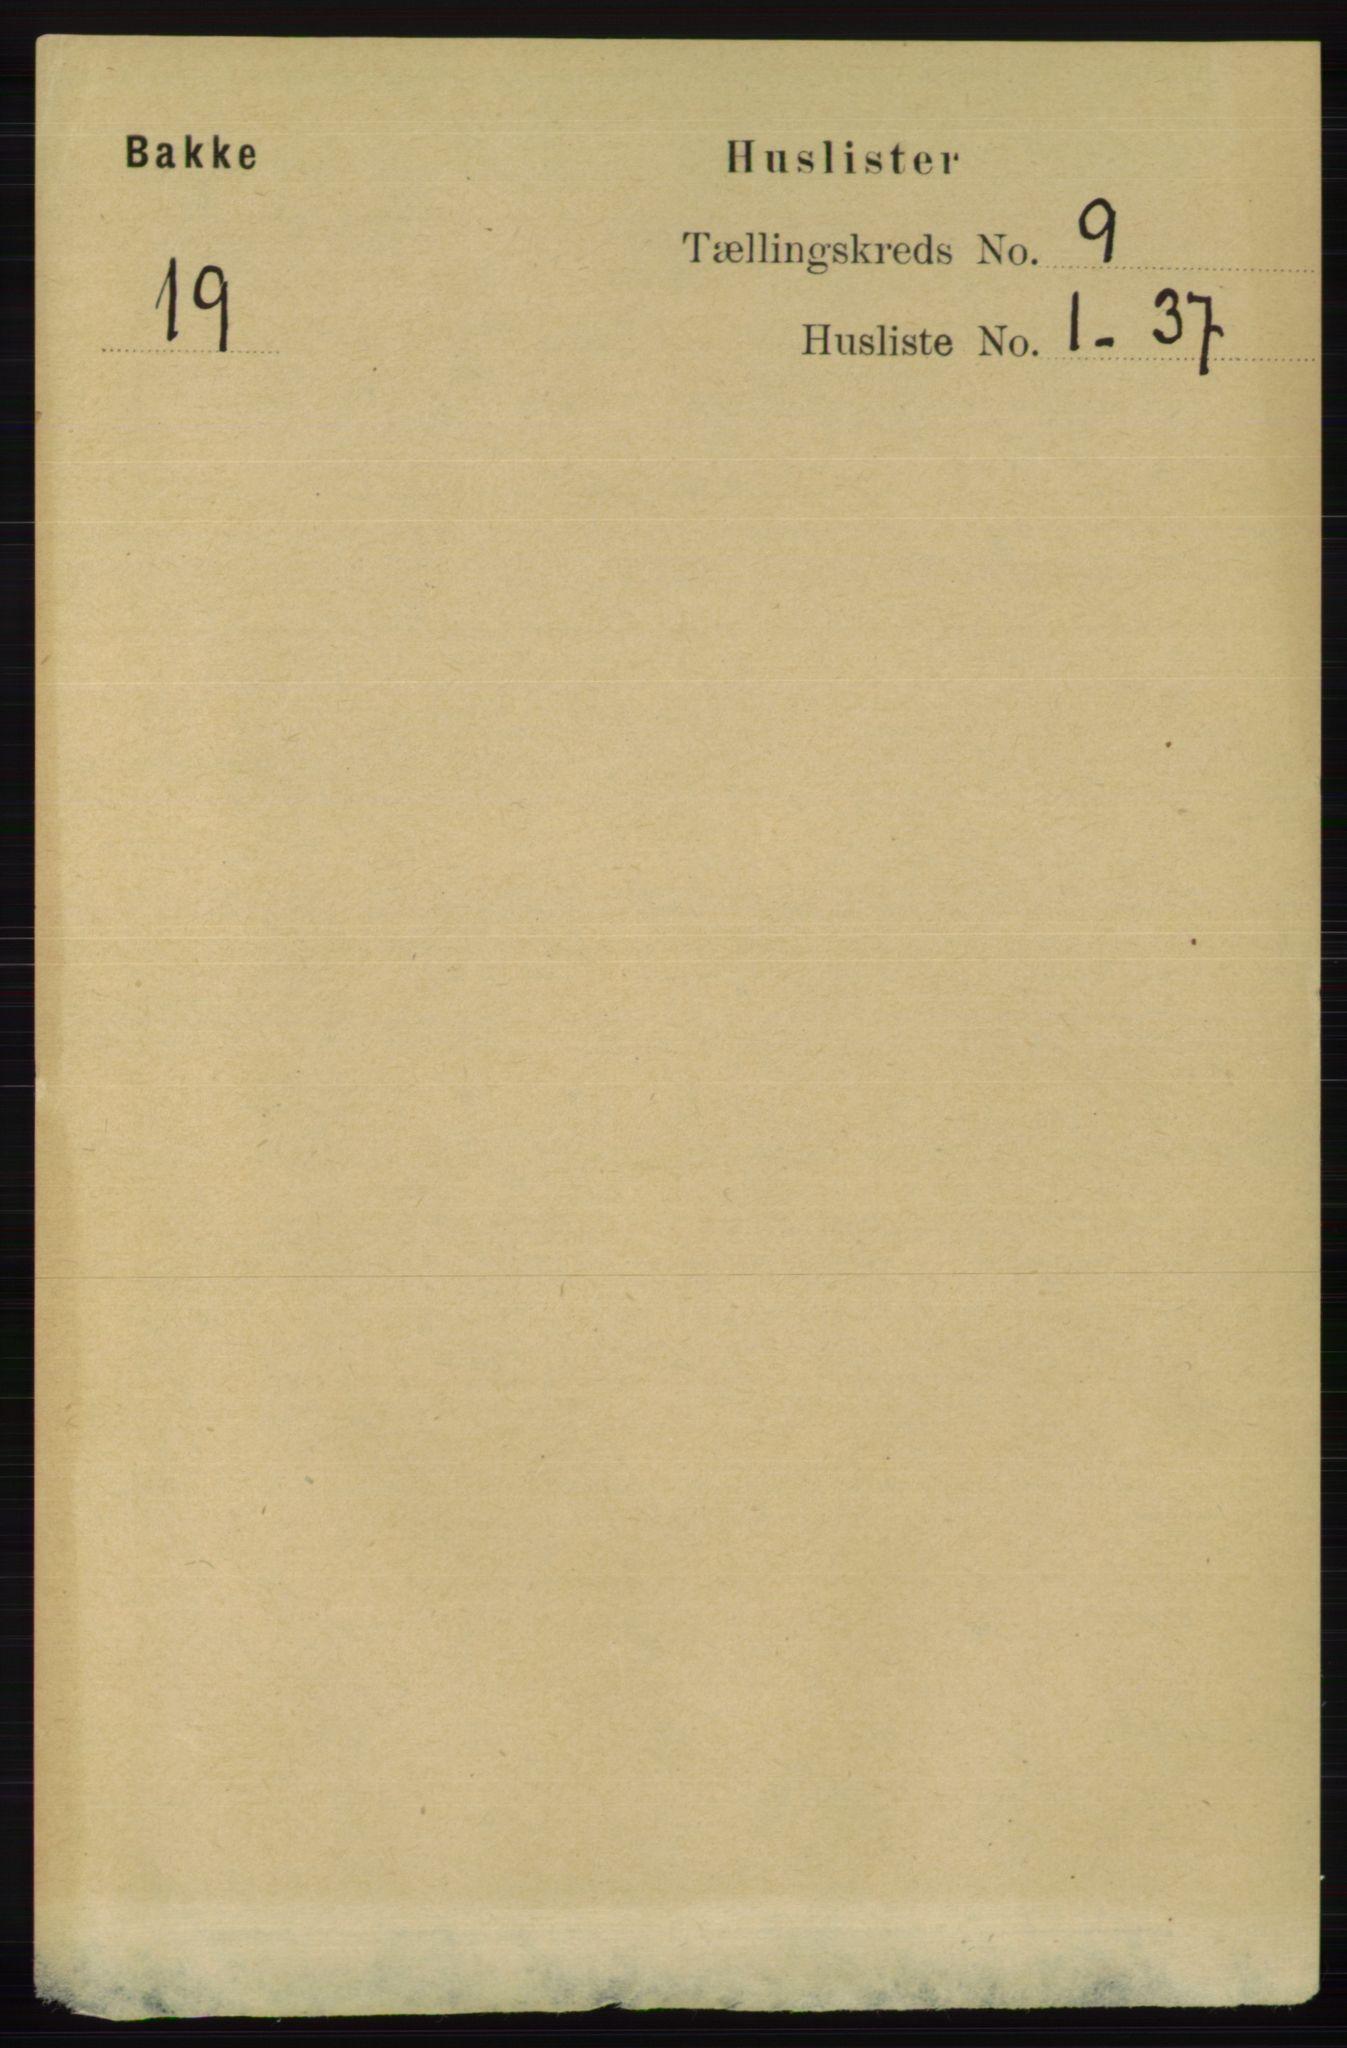 RA, Folketelling 1891 for 1045 Bakke herred, 1891, s. 1713